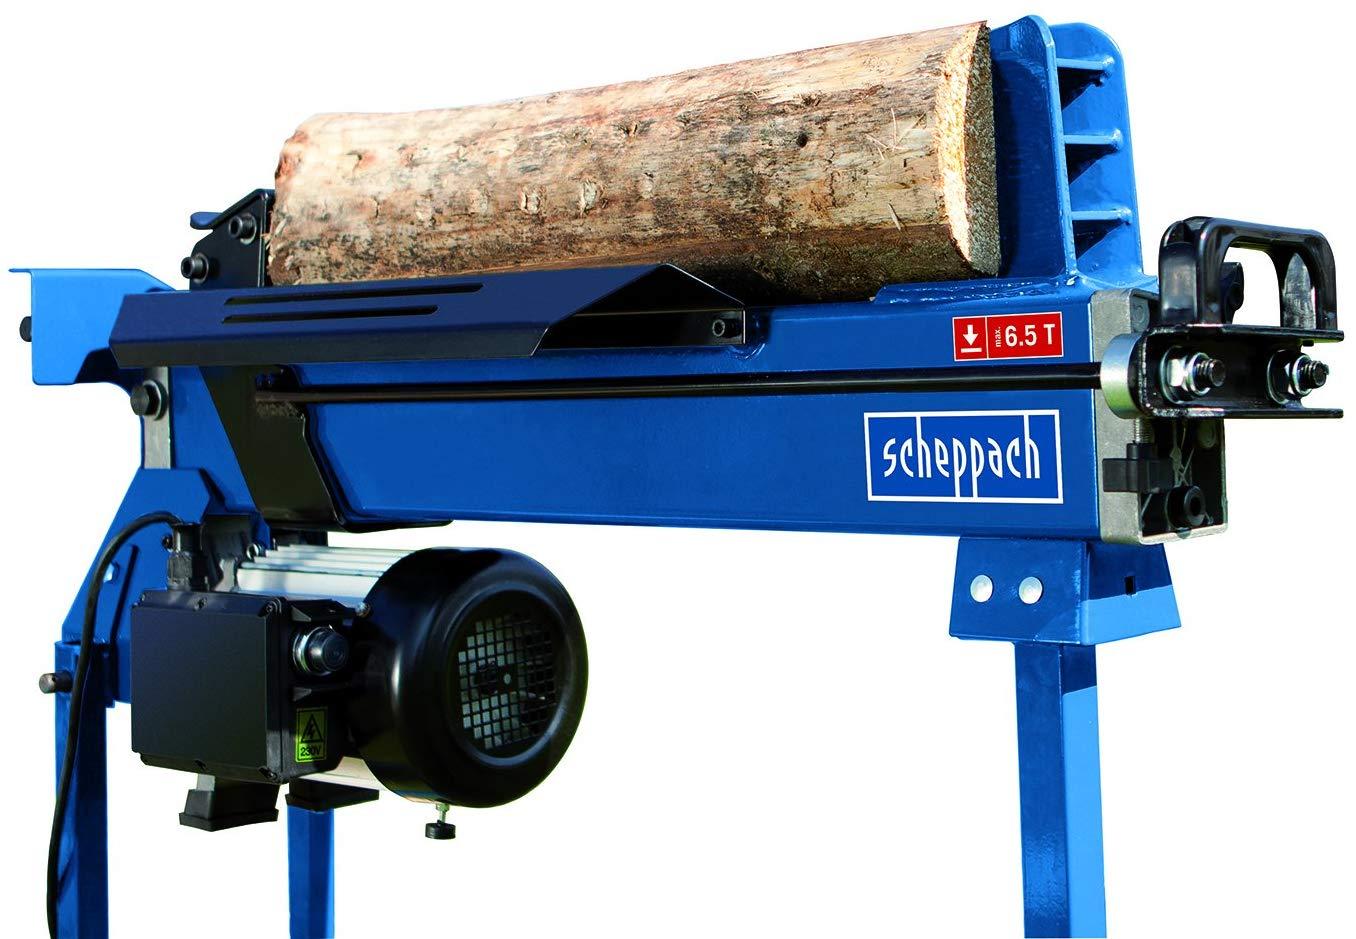 Een van de Best Verkochte Kloofmachines is deze Scheppach HL650 5905206901 door zijn duurzaamheid.